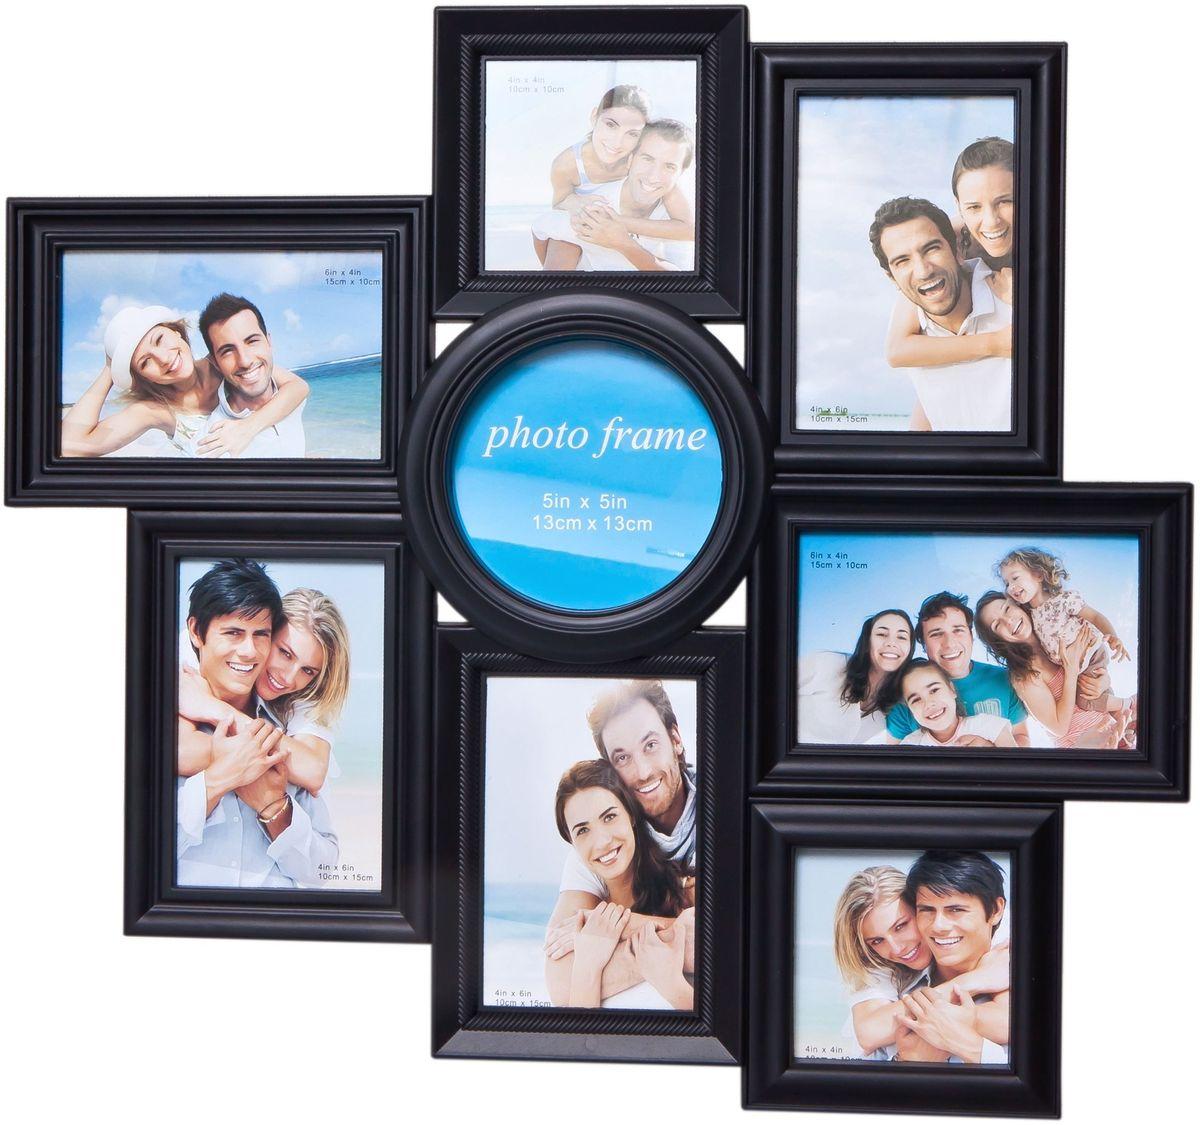 Фоторамка Platinum, цвет: черный, на 8 фото. BH-1408PLATINUM BH-1408-Black-ЧёрныйФоторамка Platinum - прекрасный способ красиво оформить ваши фотографии. Фоторамка выполнена из пластика и защищена стеклом. Фоторамка-коллаж представляет собой восемь фоторамок для фото разного размера оригинально соединенных между собой. Такая фоторамка поможет сохранить в памяти самые яркие моменты вашей жизни, а стильный дизайн сделает ее прекрасным дополнением интерьера комнаты. Фоторамка подходит для 5 фото 10 х 15 см, 1 фото 13 х 13 см и 2 фото 10 х 10 см.Общий размер фоторамки: 50 х 47 см.